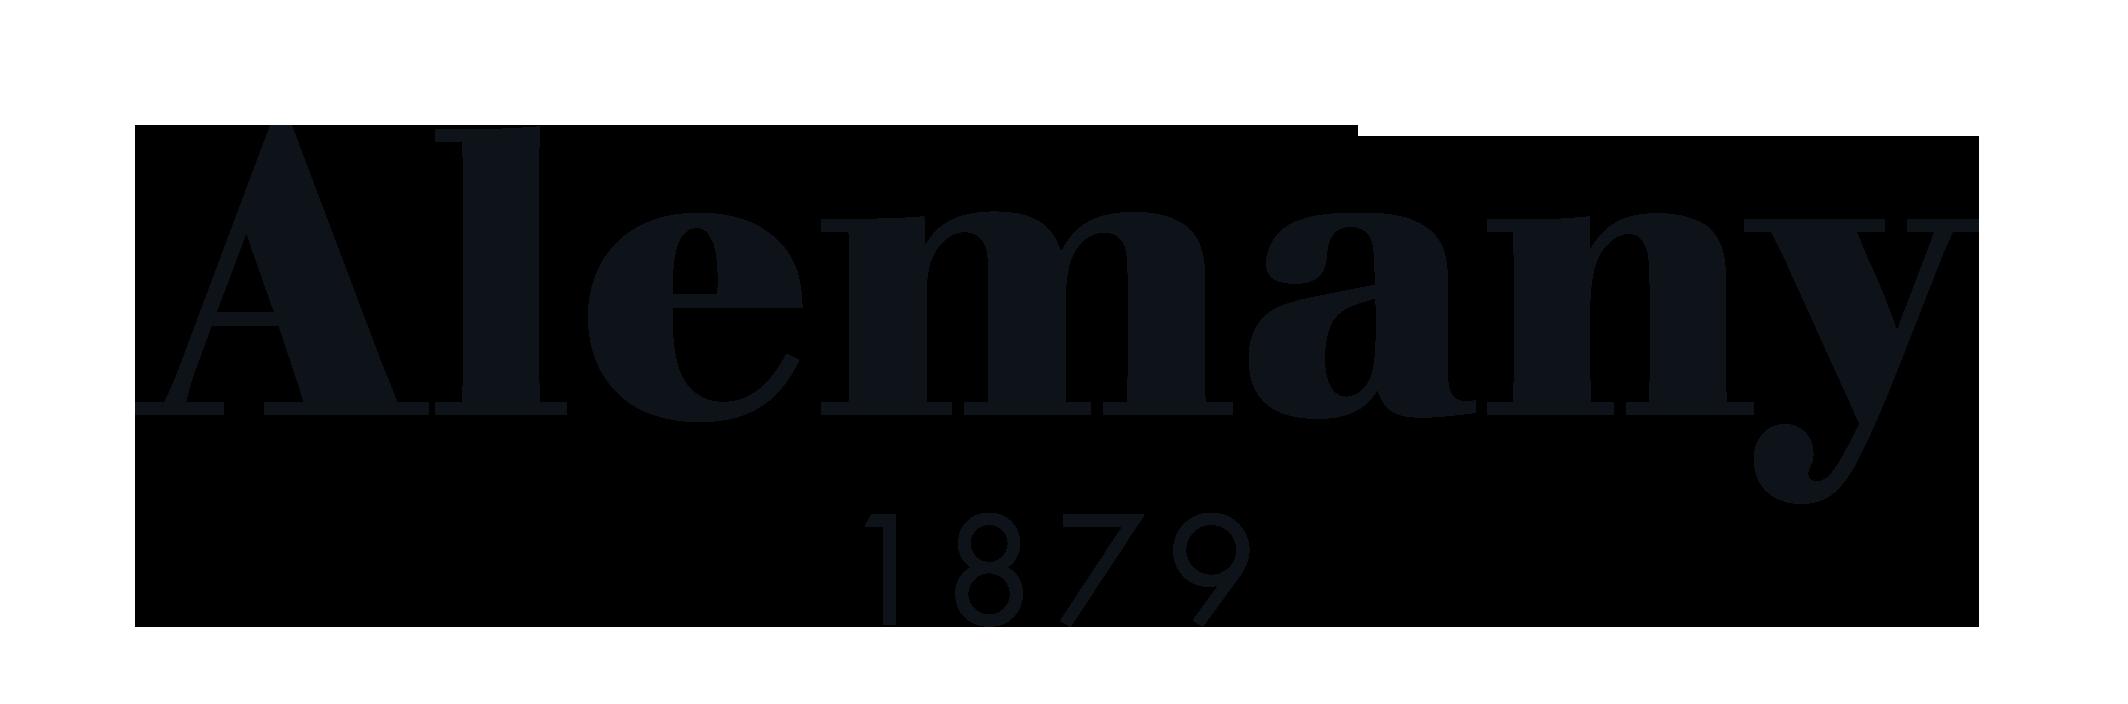 ALEMANY 1879, colaboradores NBR 2018